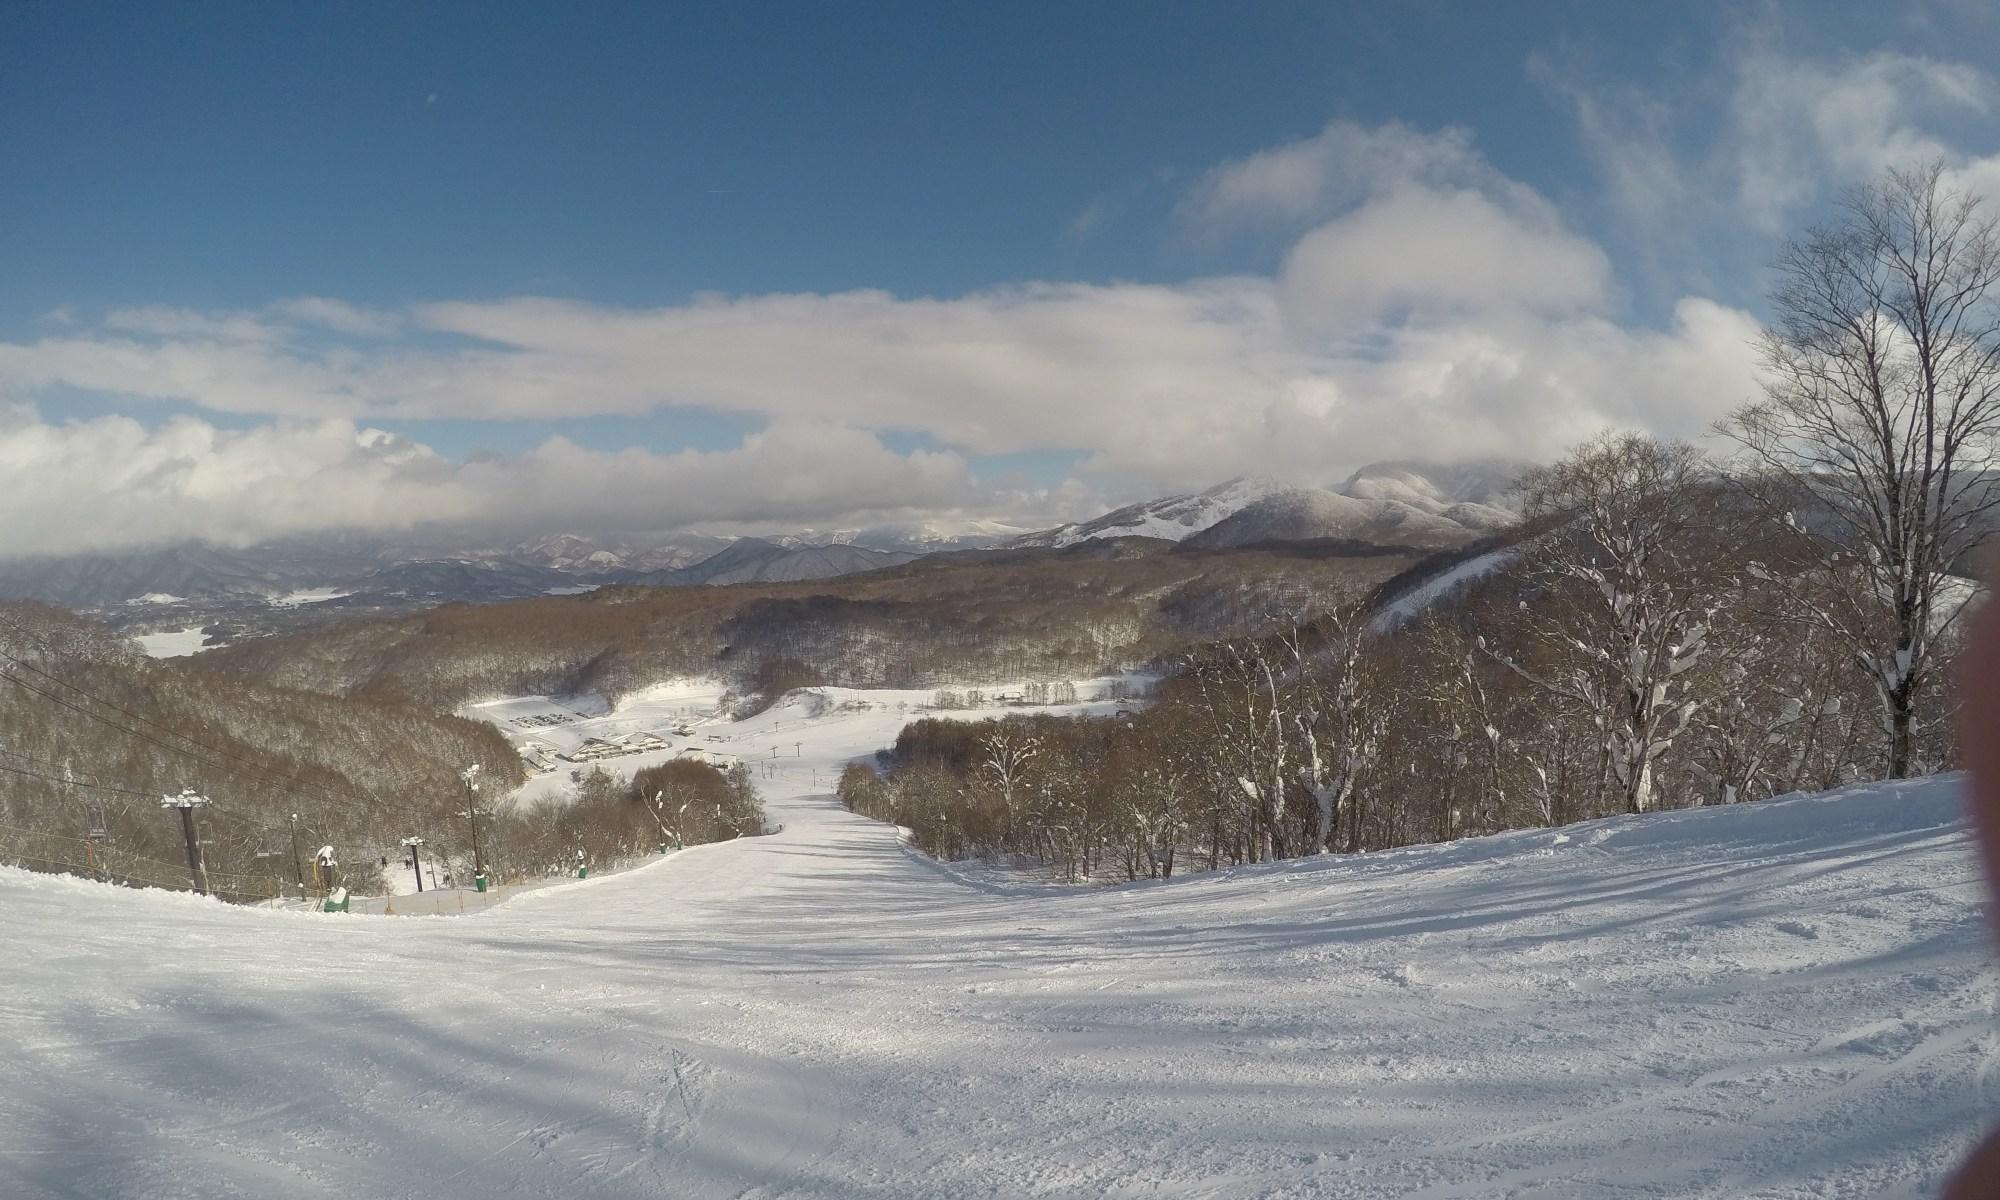 猫魔スキー場からの景観